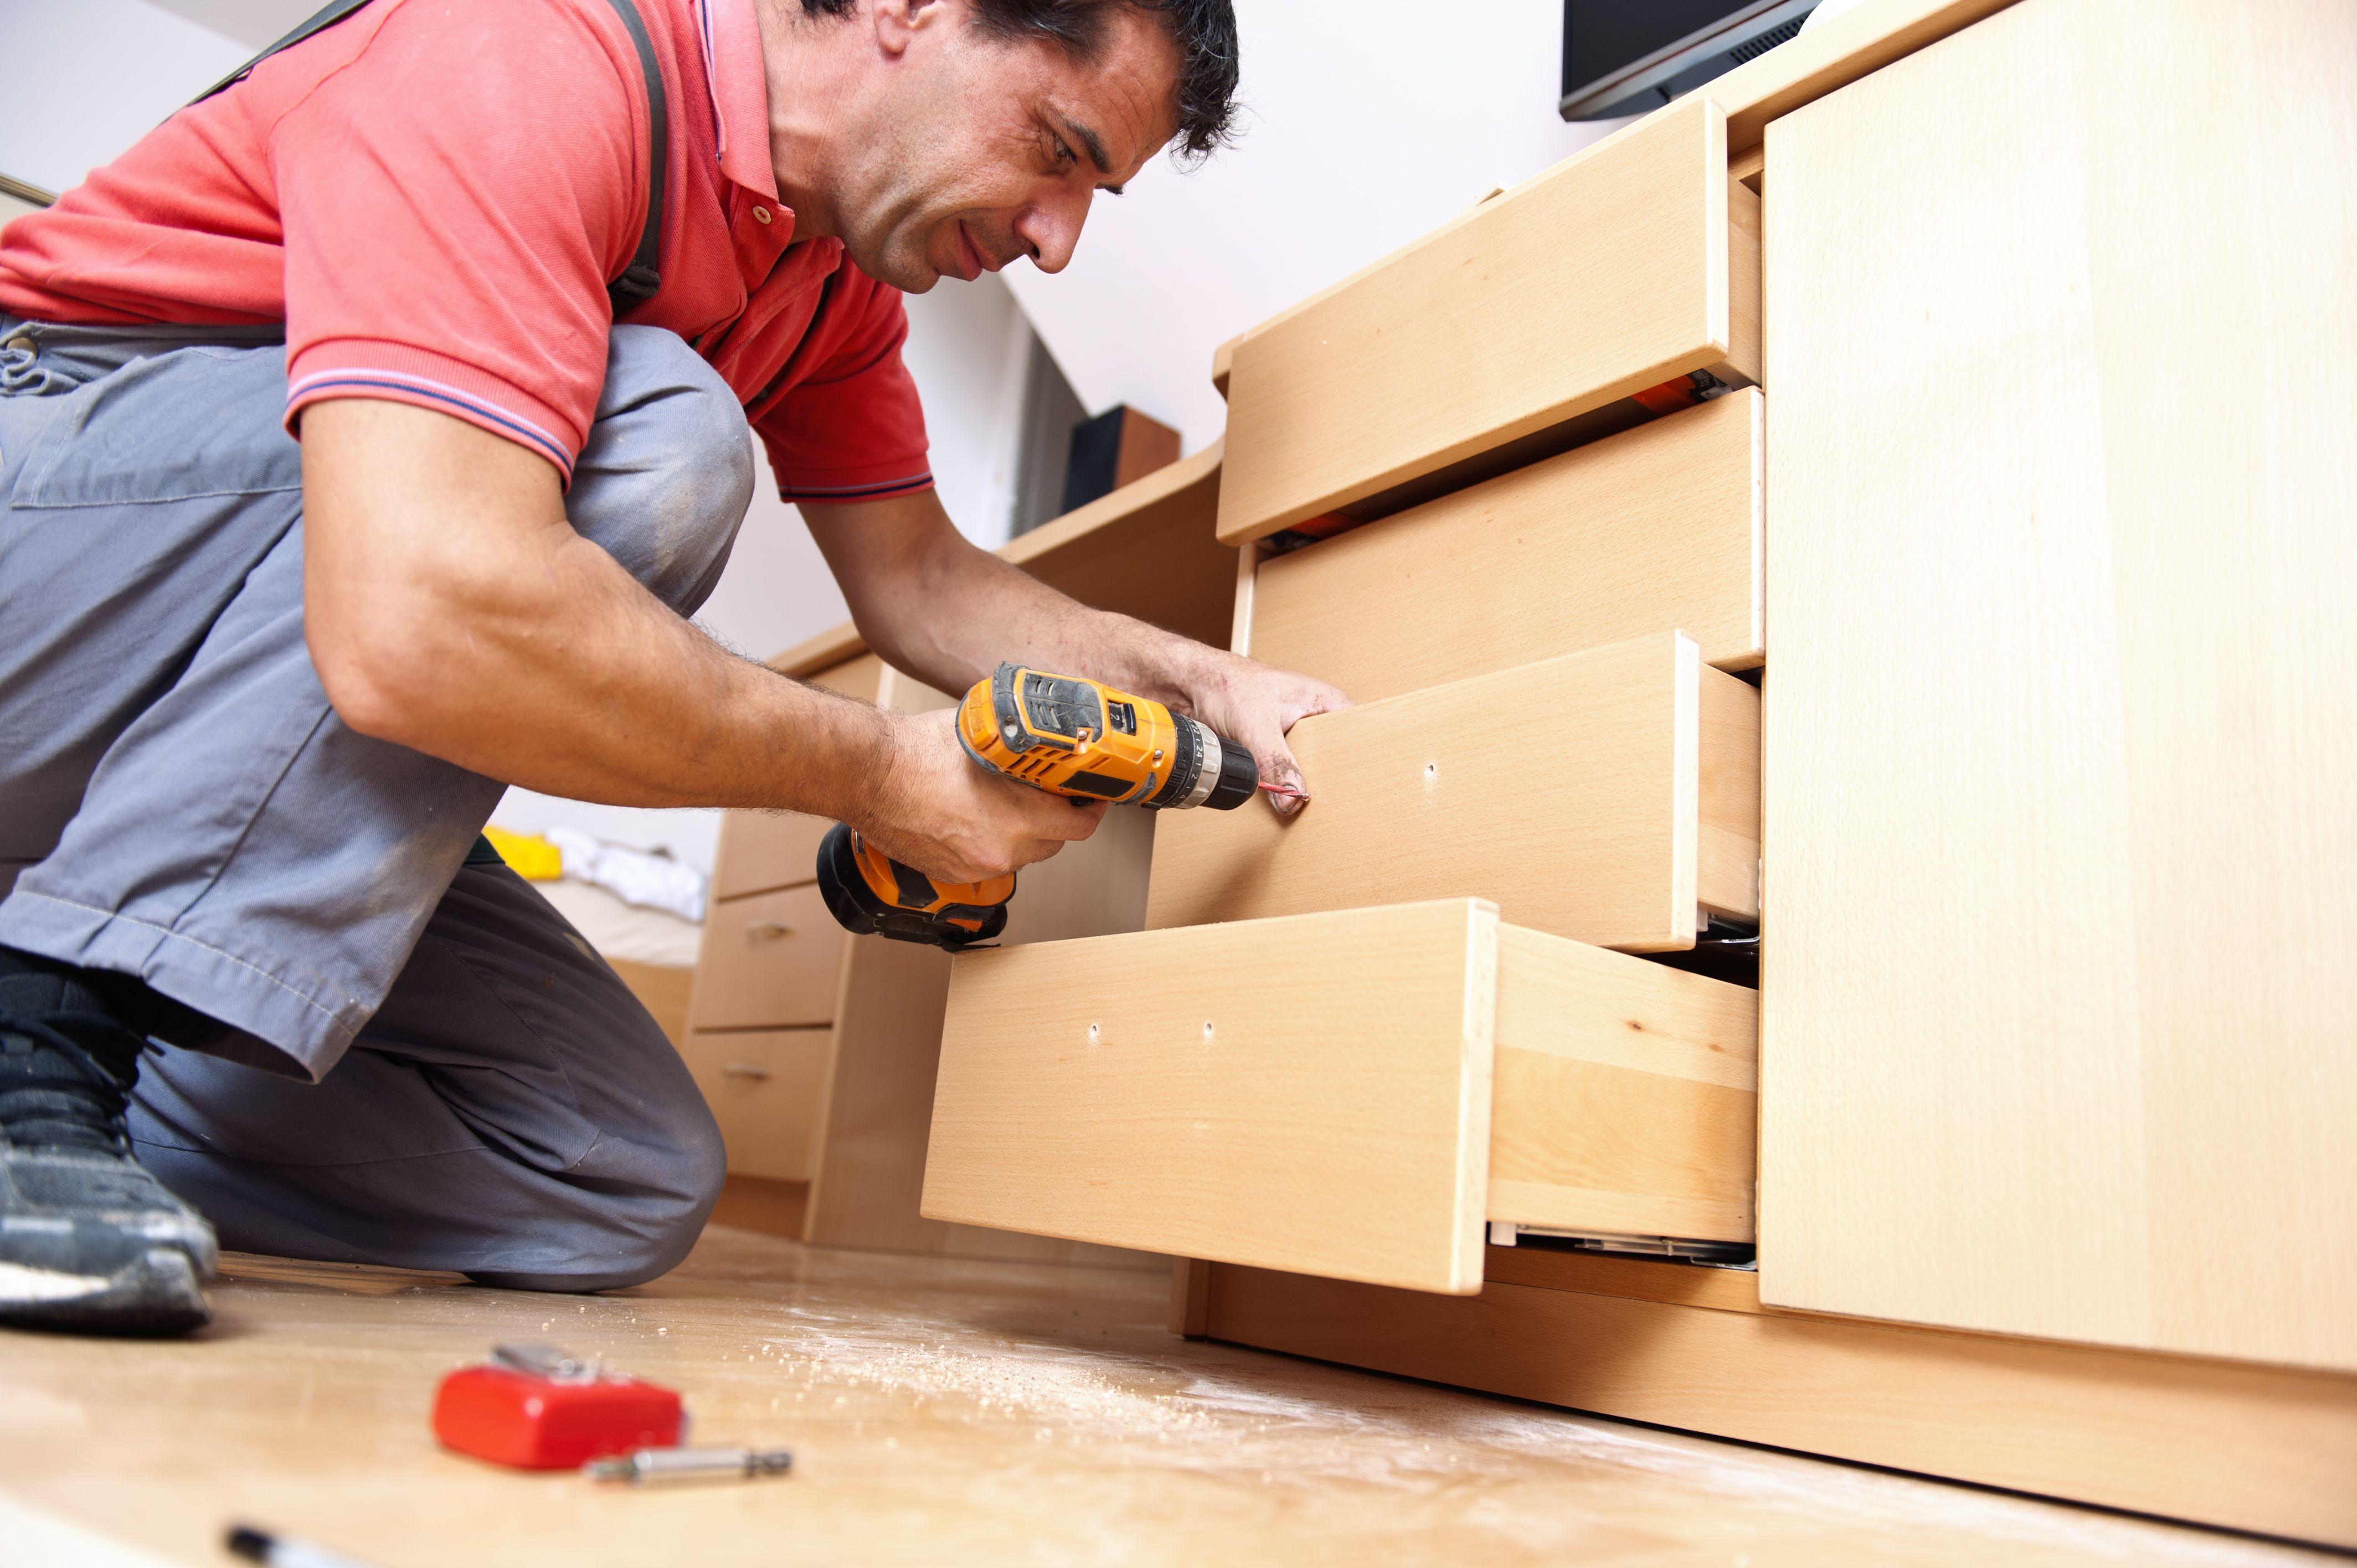 Montaje y desmontaje de muebles: Servicios de Mudances MD